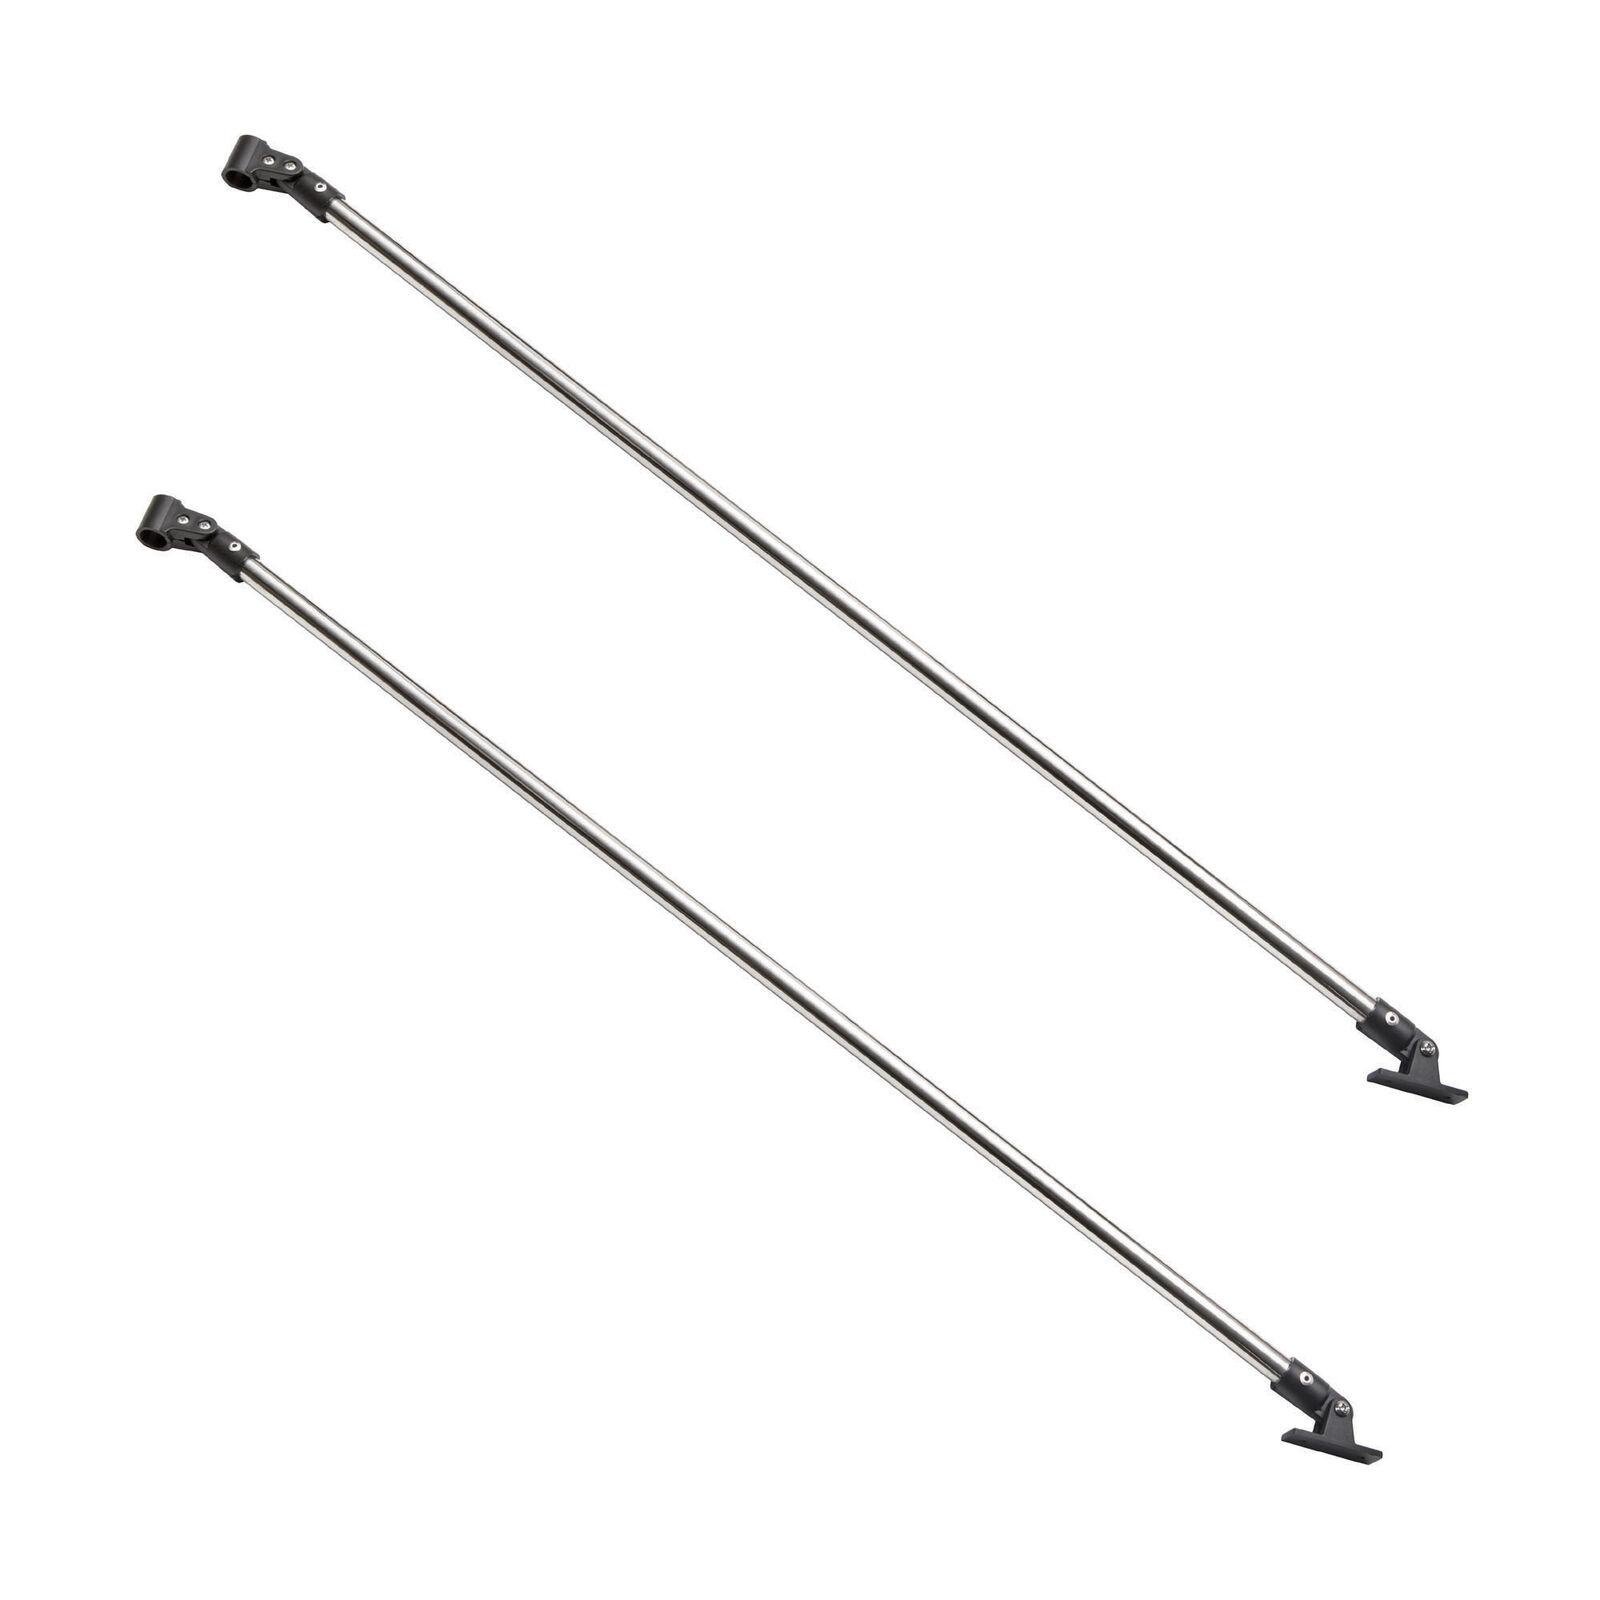 Paar Hinterarm-Set Edelstahl 316L Ø20mm, Länge 1mt, für Bimini Top, Stiefele